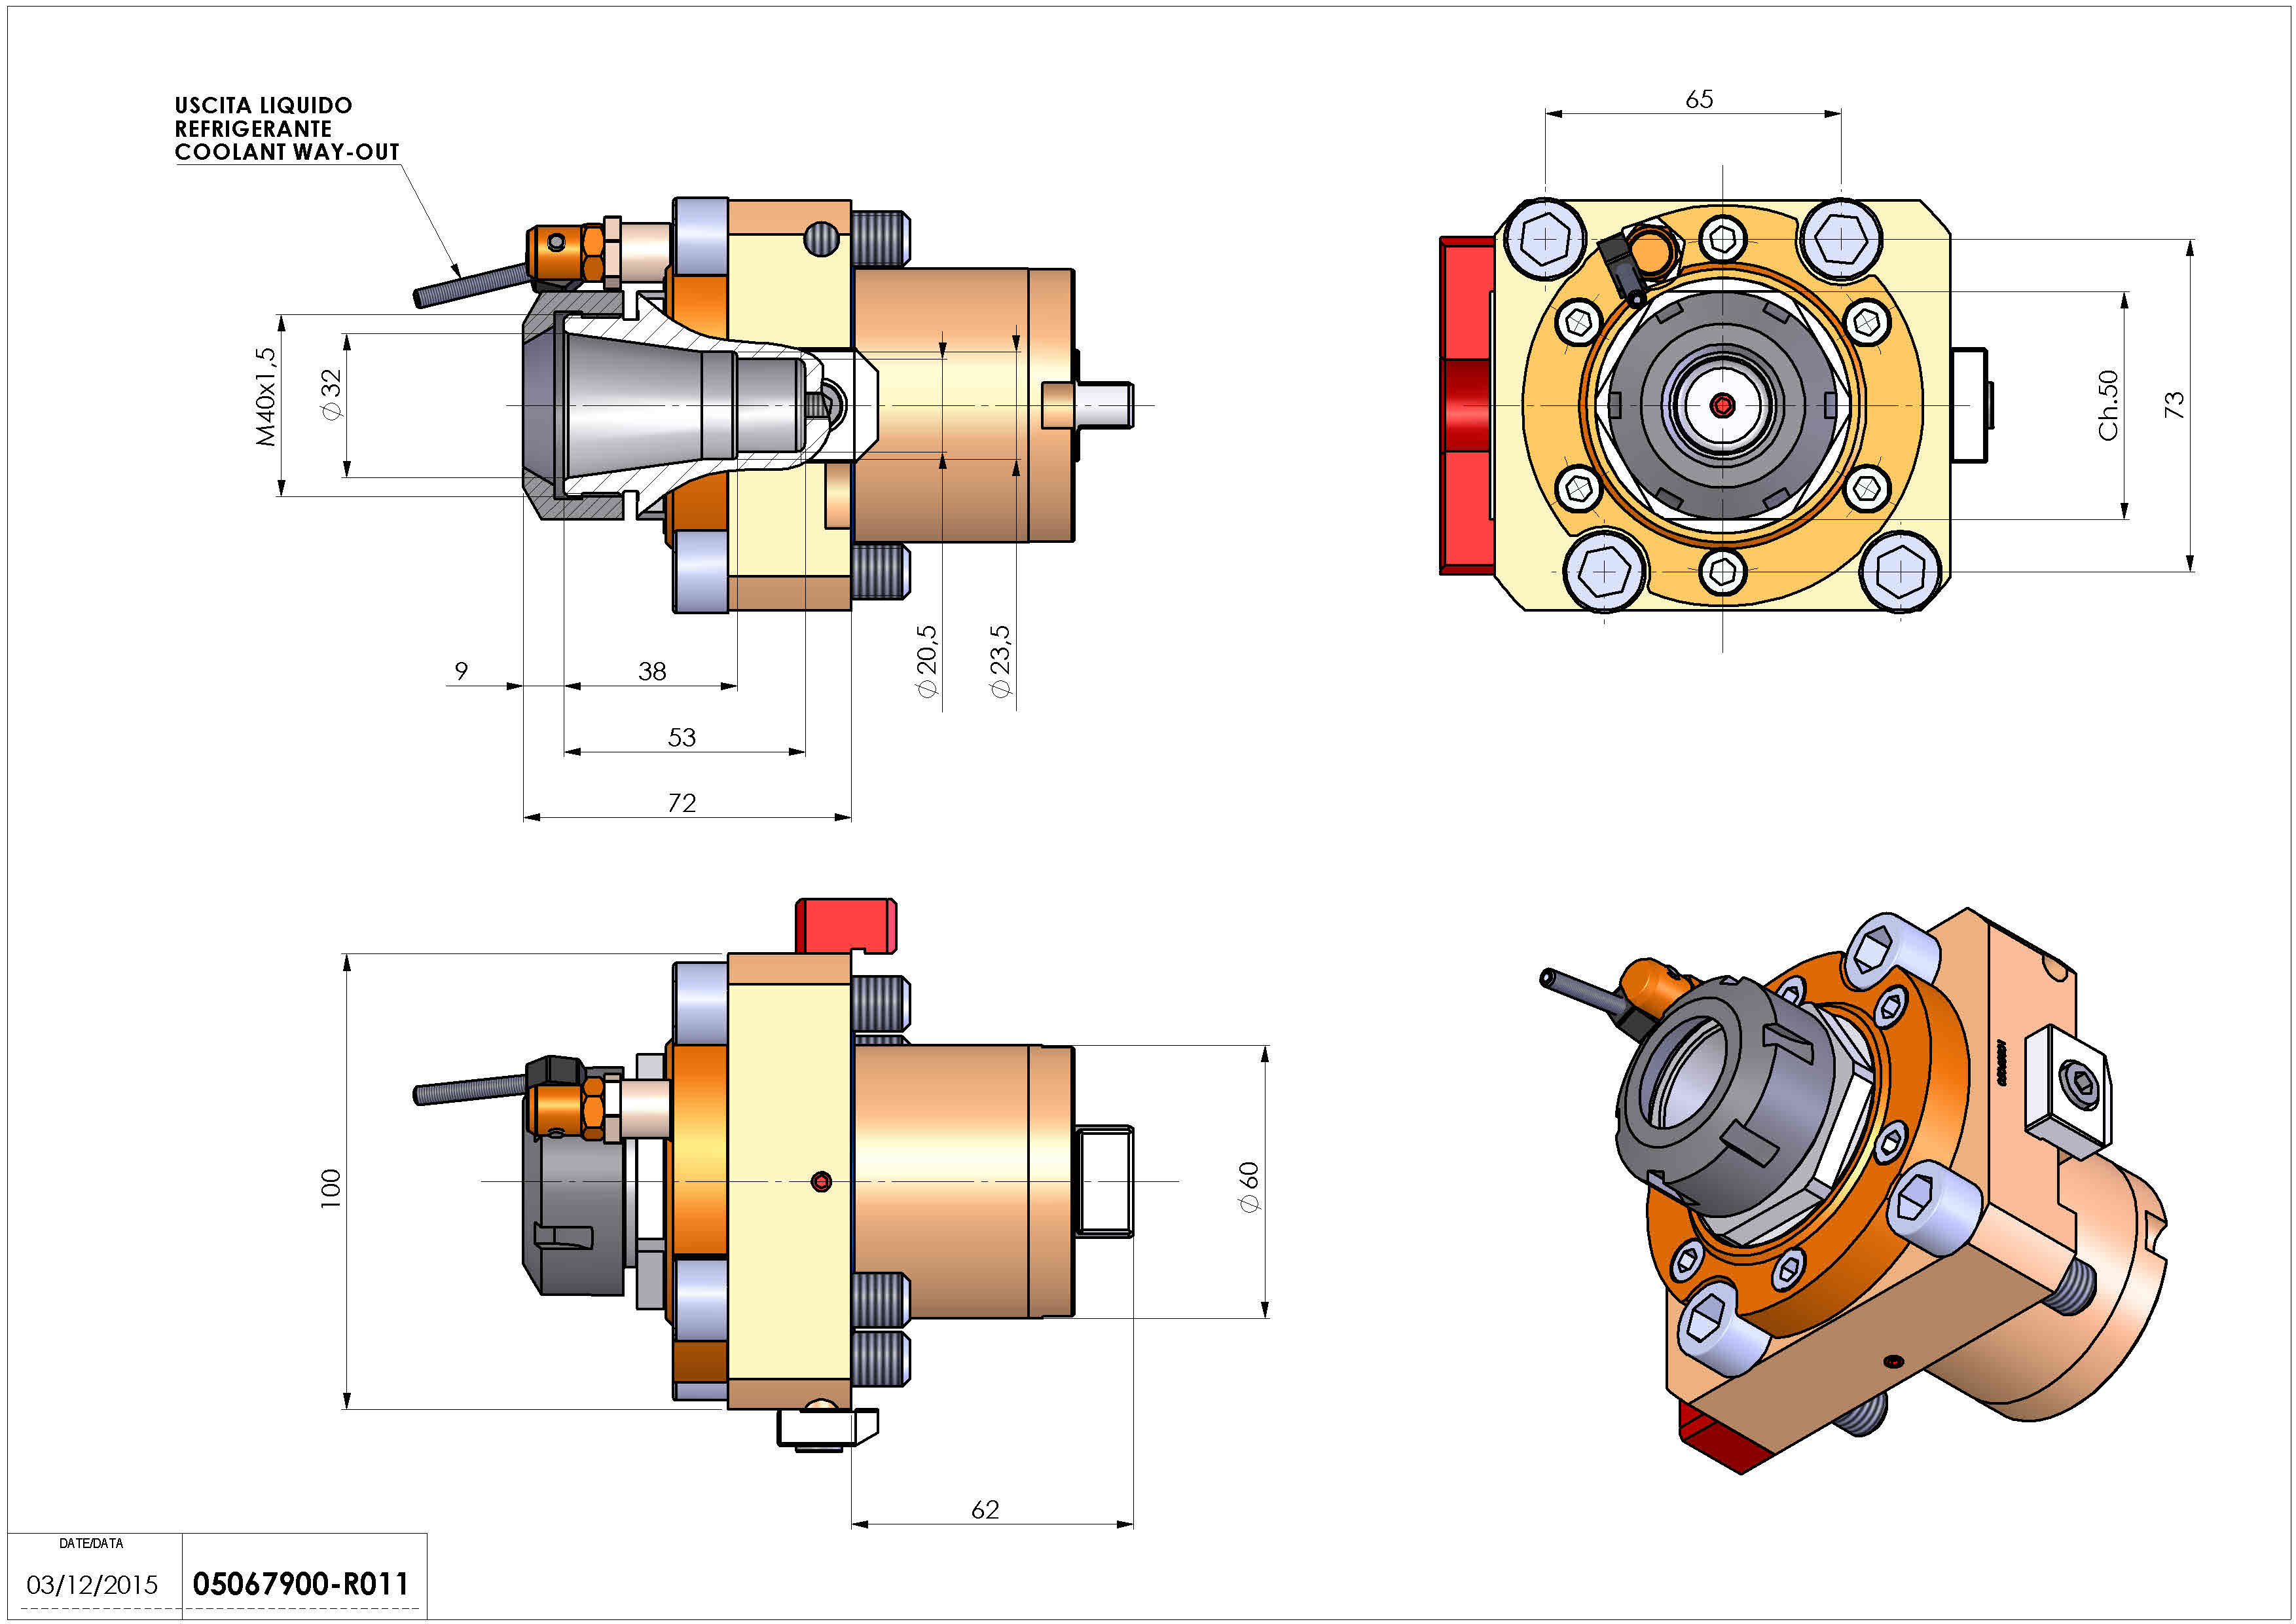 Technical image - LT-S D60 ER32 H72 OK.